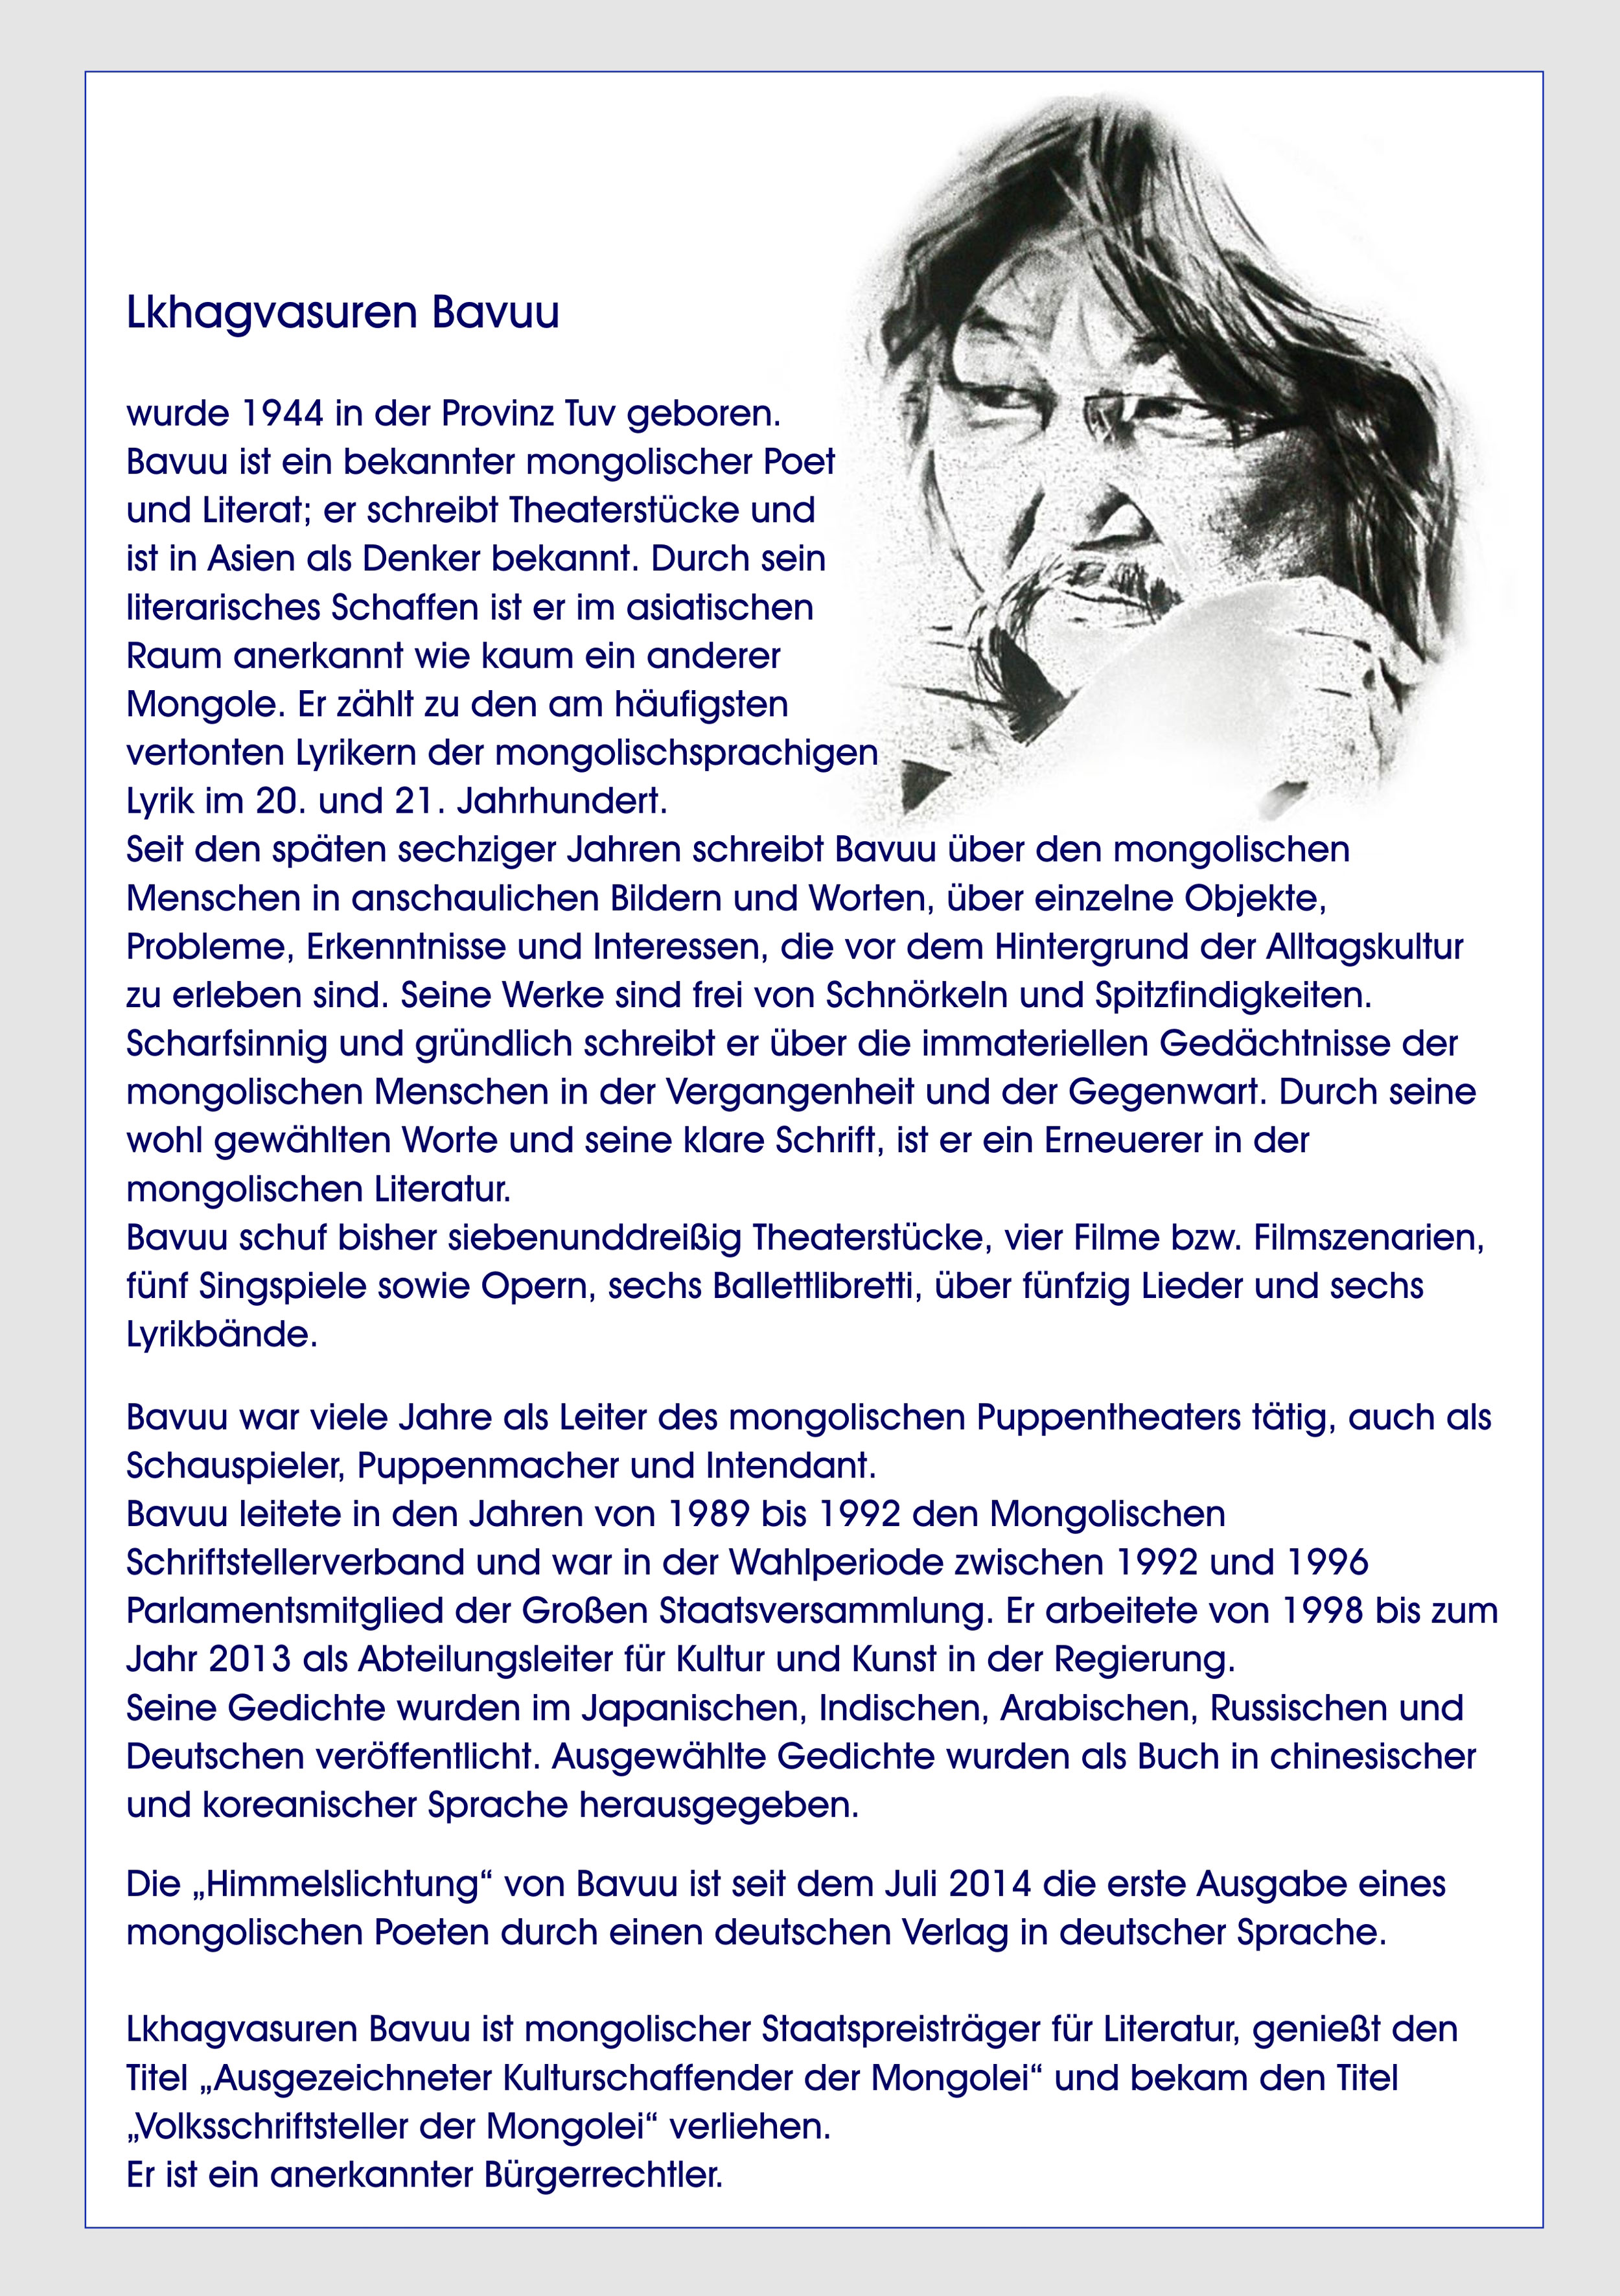 Berühmt Häufige Lebenslauf Schriften Fotos - Entry Level Resume ...